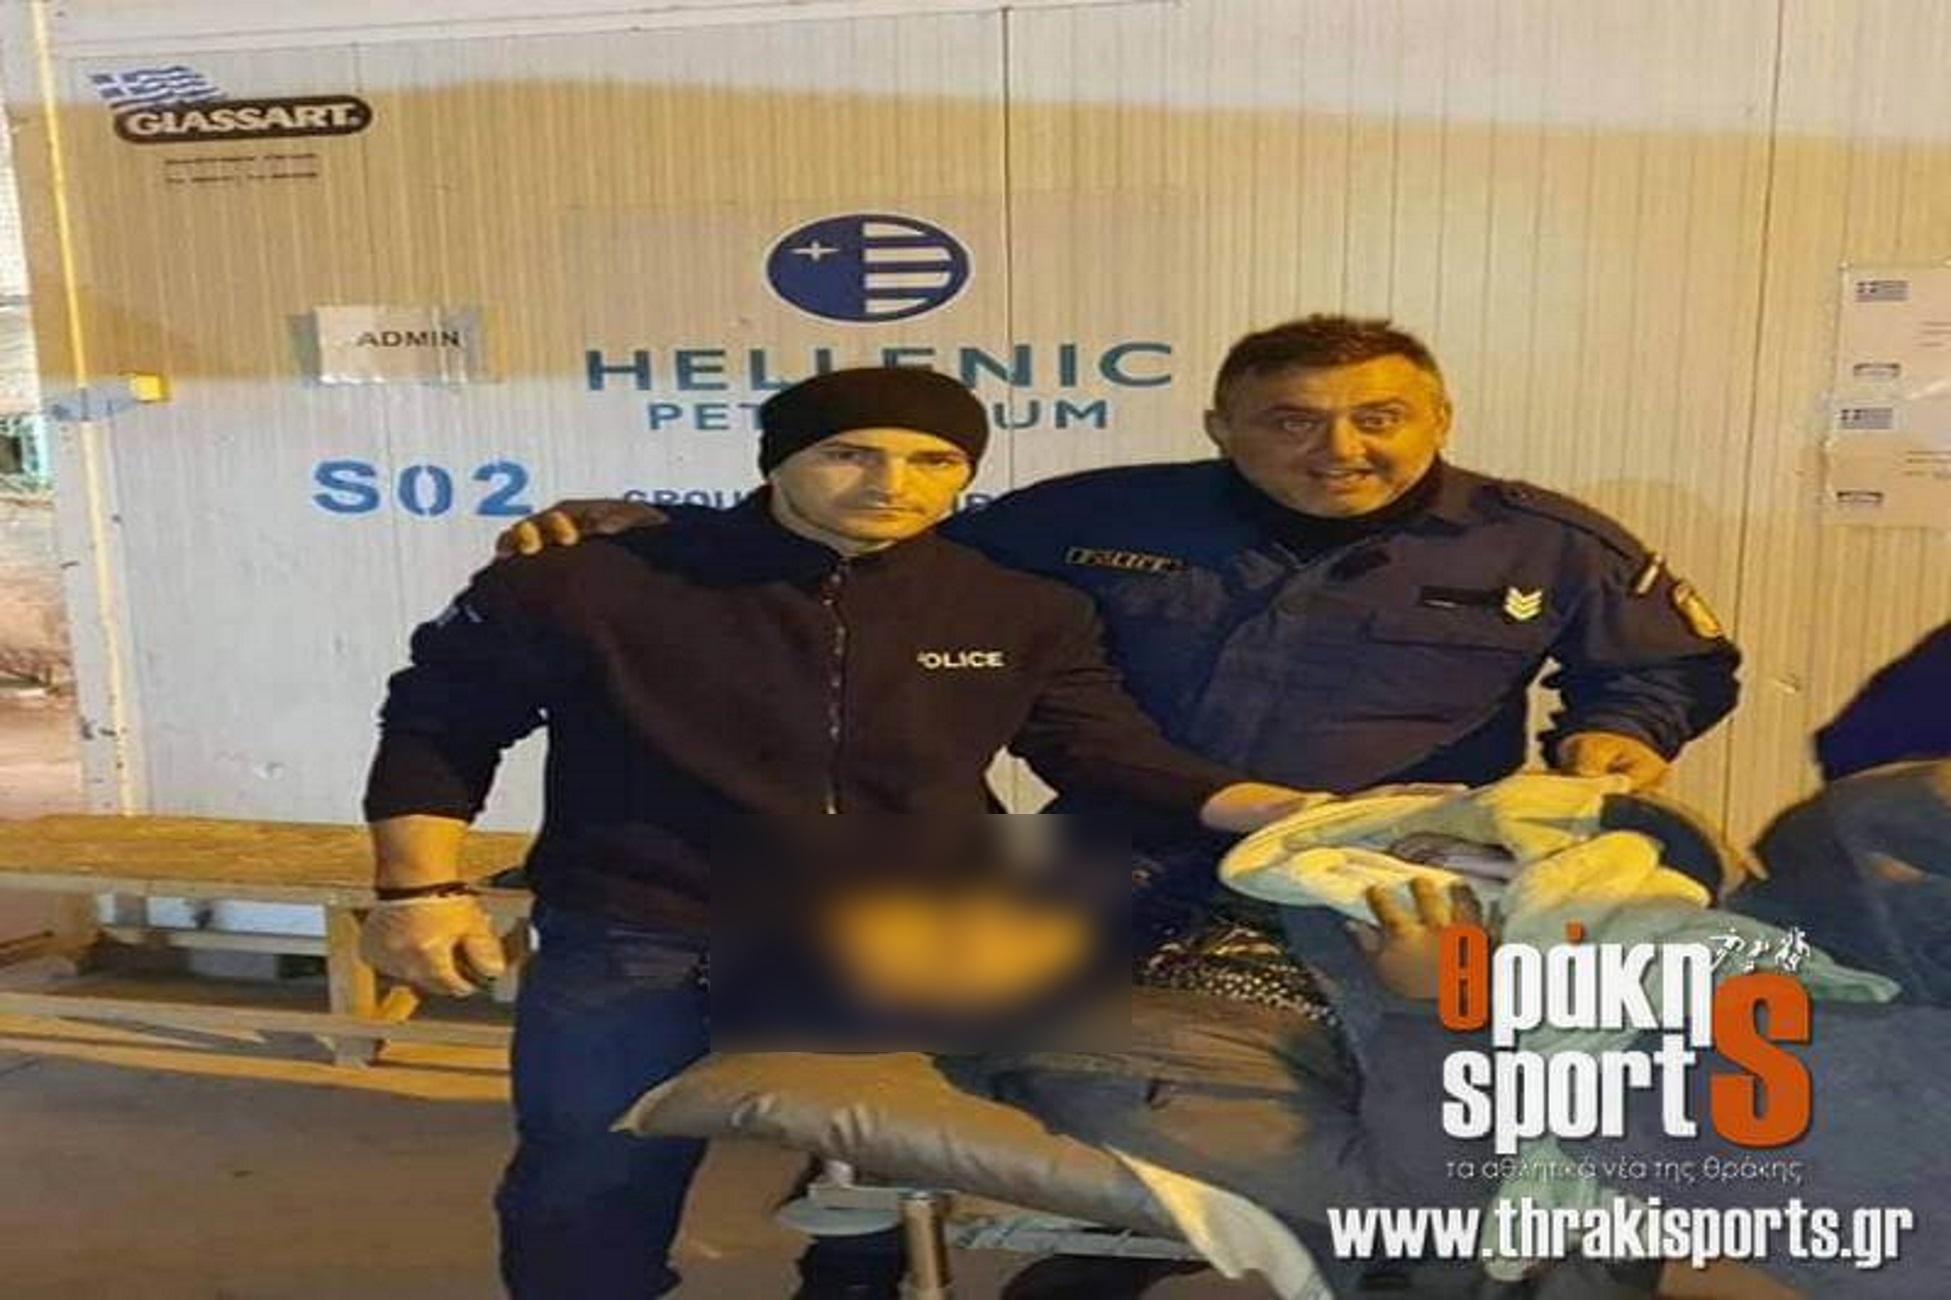 Χίος: Ο αστυνομικός που έγινε ήρωας για δεύτερη φορά! Ξεγέννησε γυναίκα όπως είχε δει σε κινηματογραφική ταινία[photos]